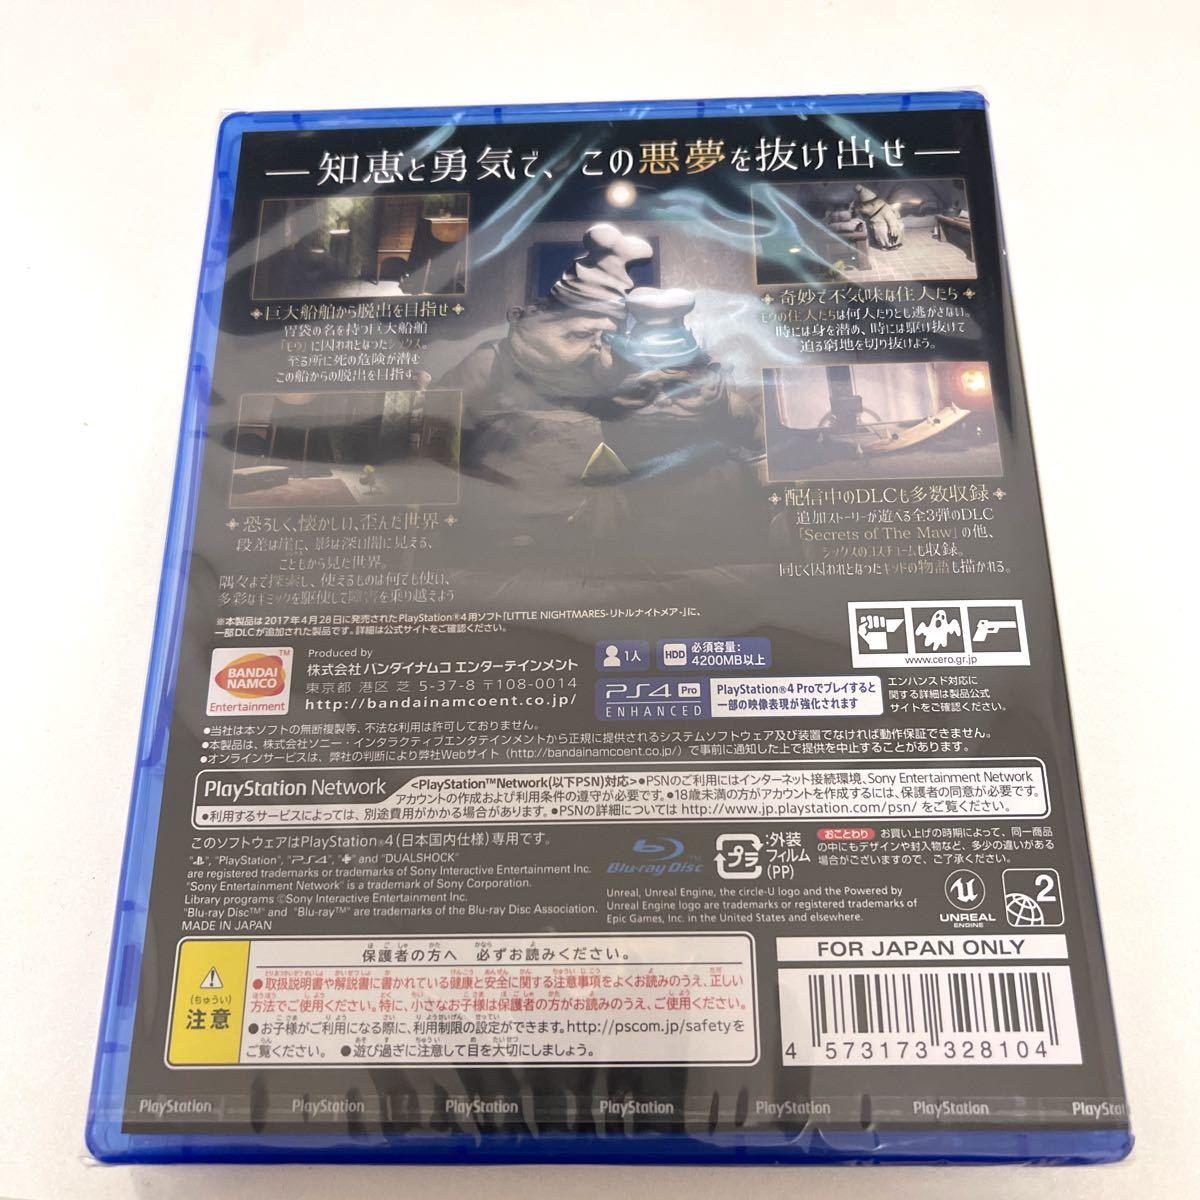 新品未開封【PS4】 LITTLE NIGHTMARES -リトルナイトメア- [Deluxe Edition]